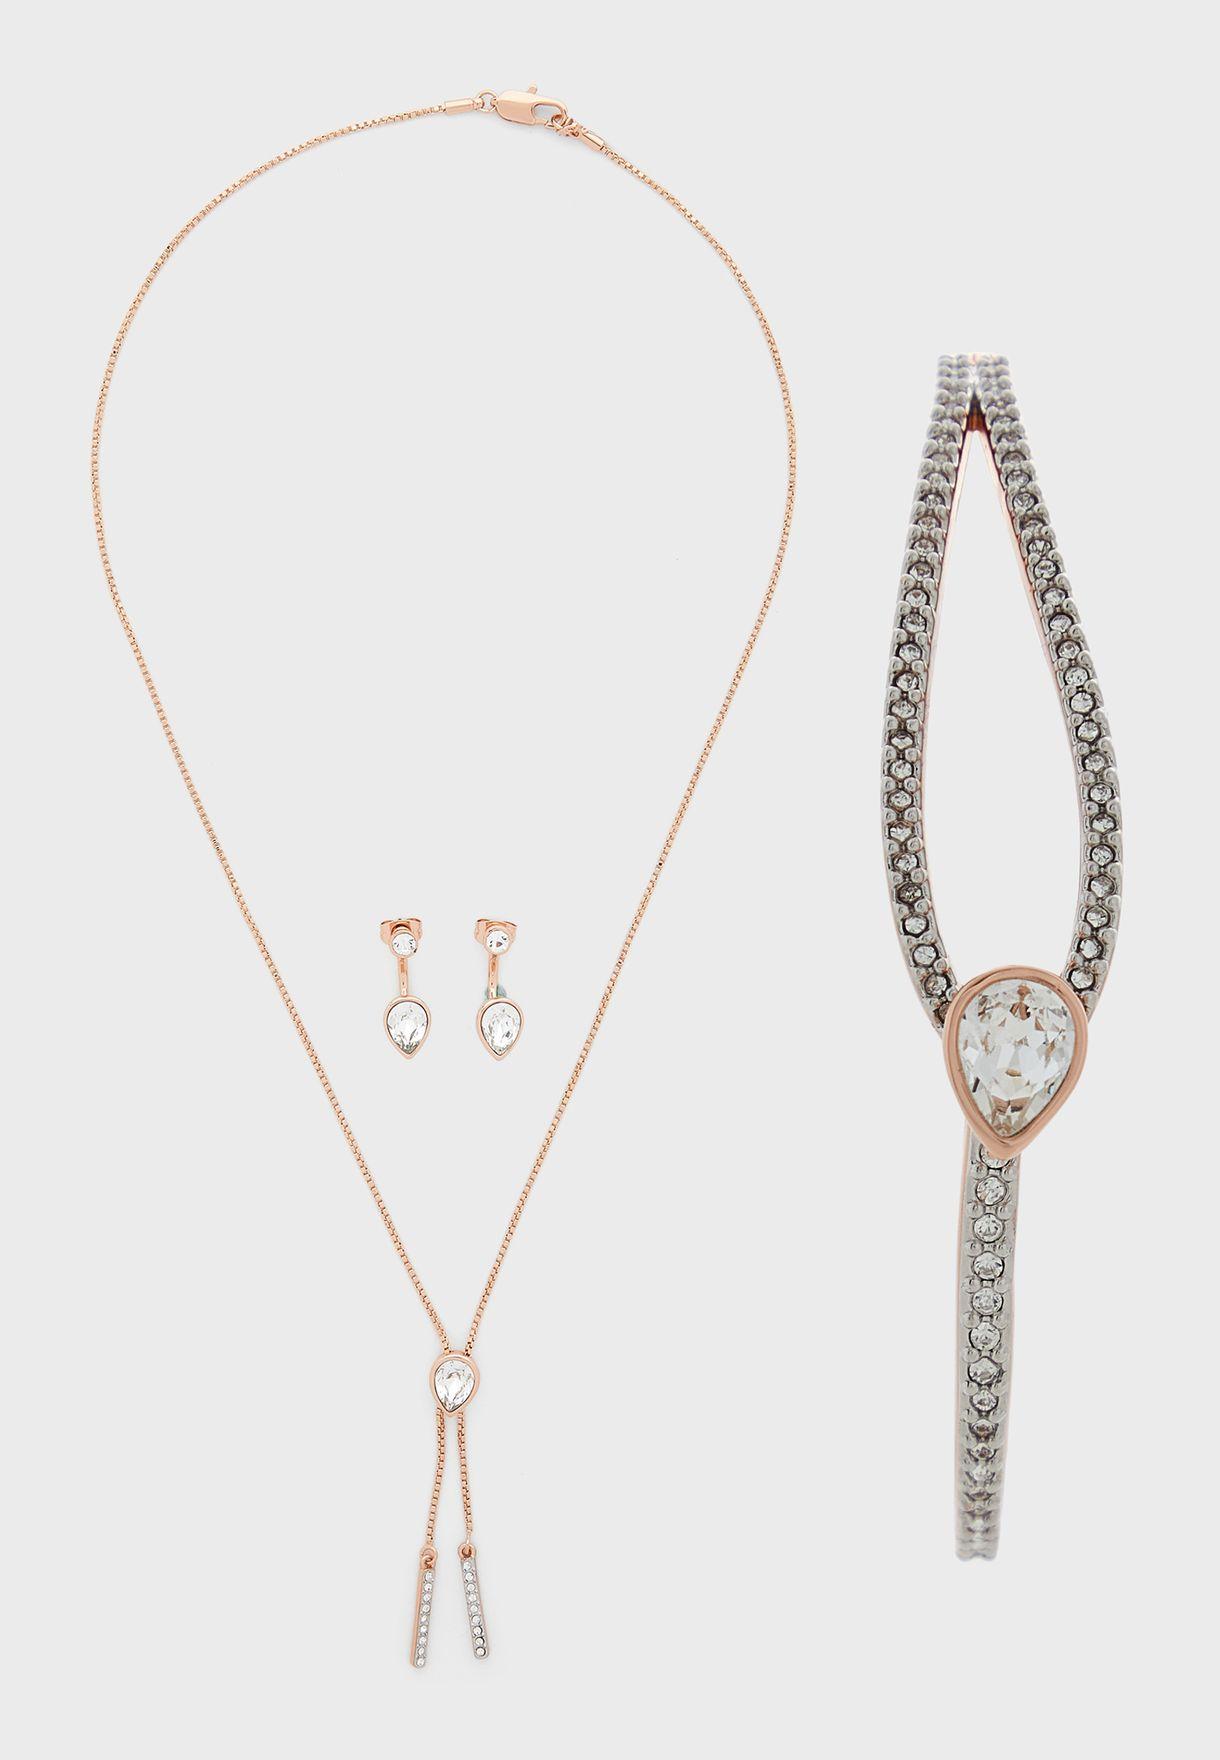 Hatton Necklace+Earrings+Bracelet Set